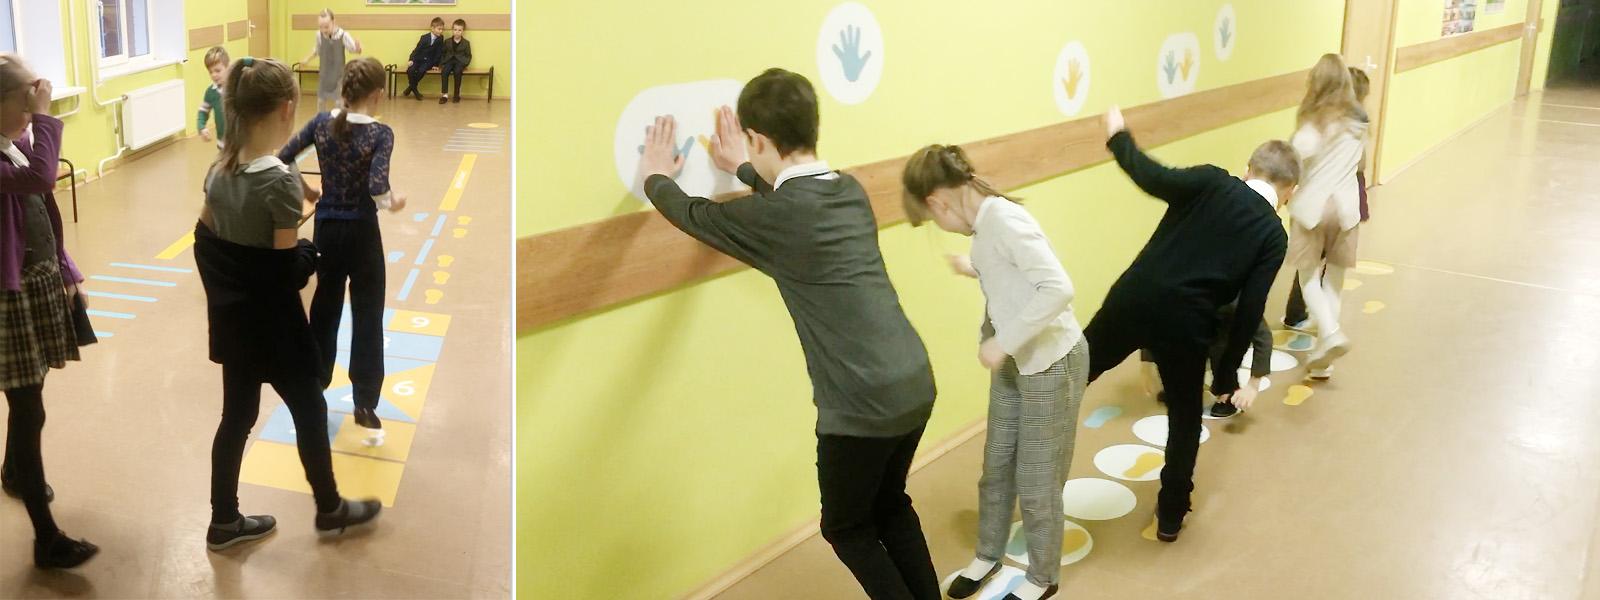 игровые дорожки в рекреации начальной школы -движение на перемене